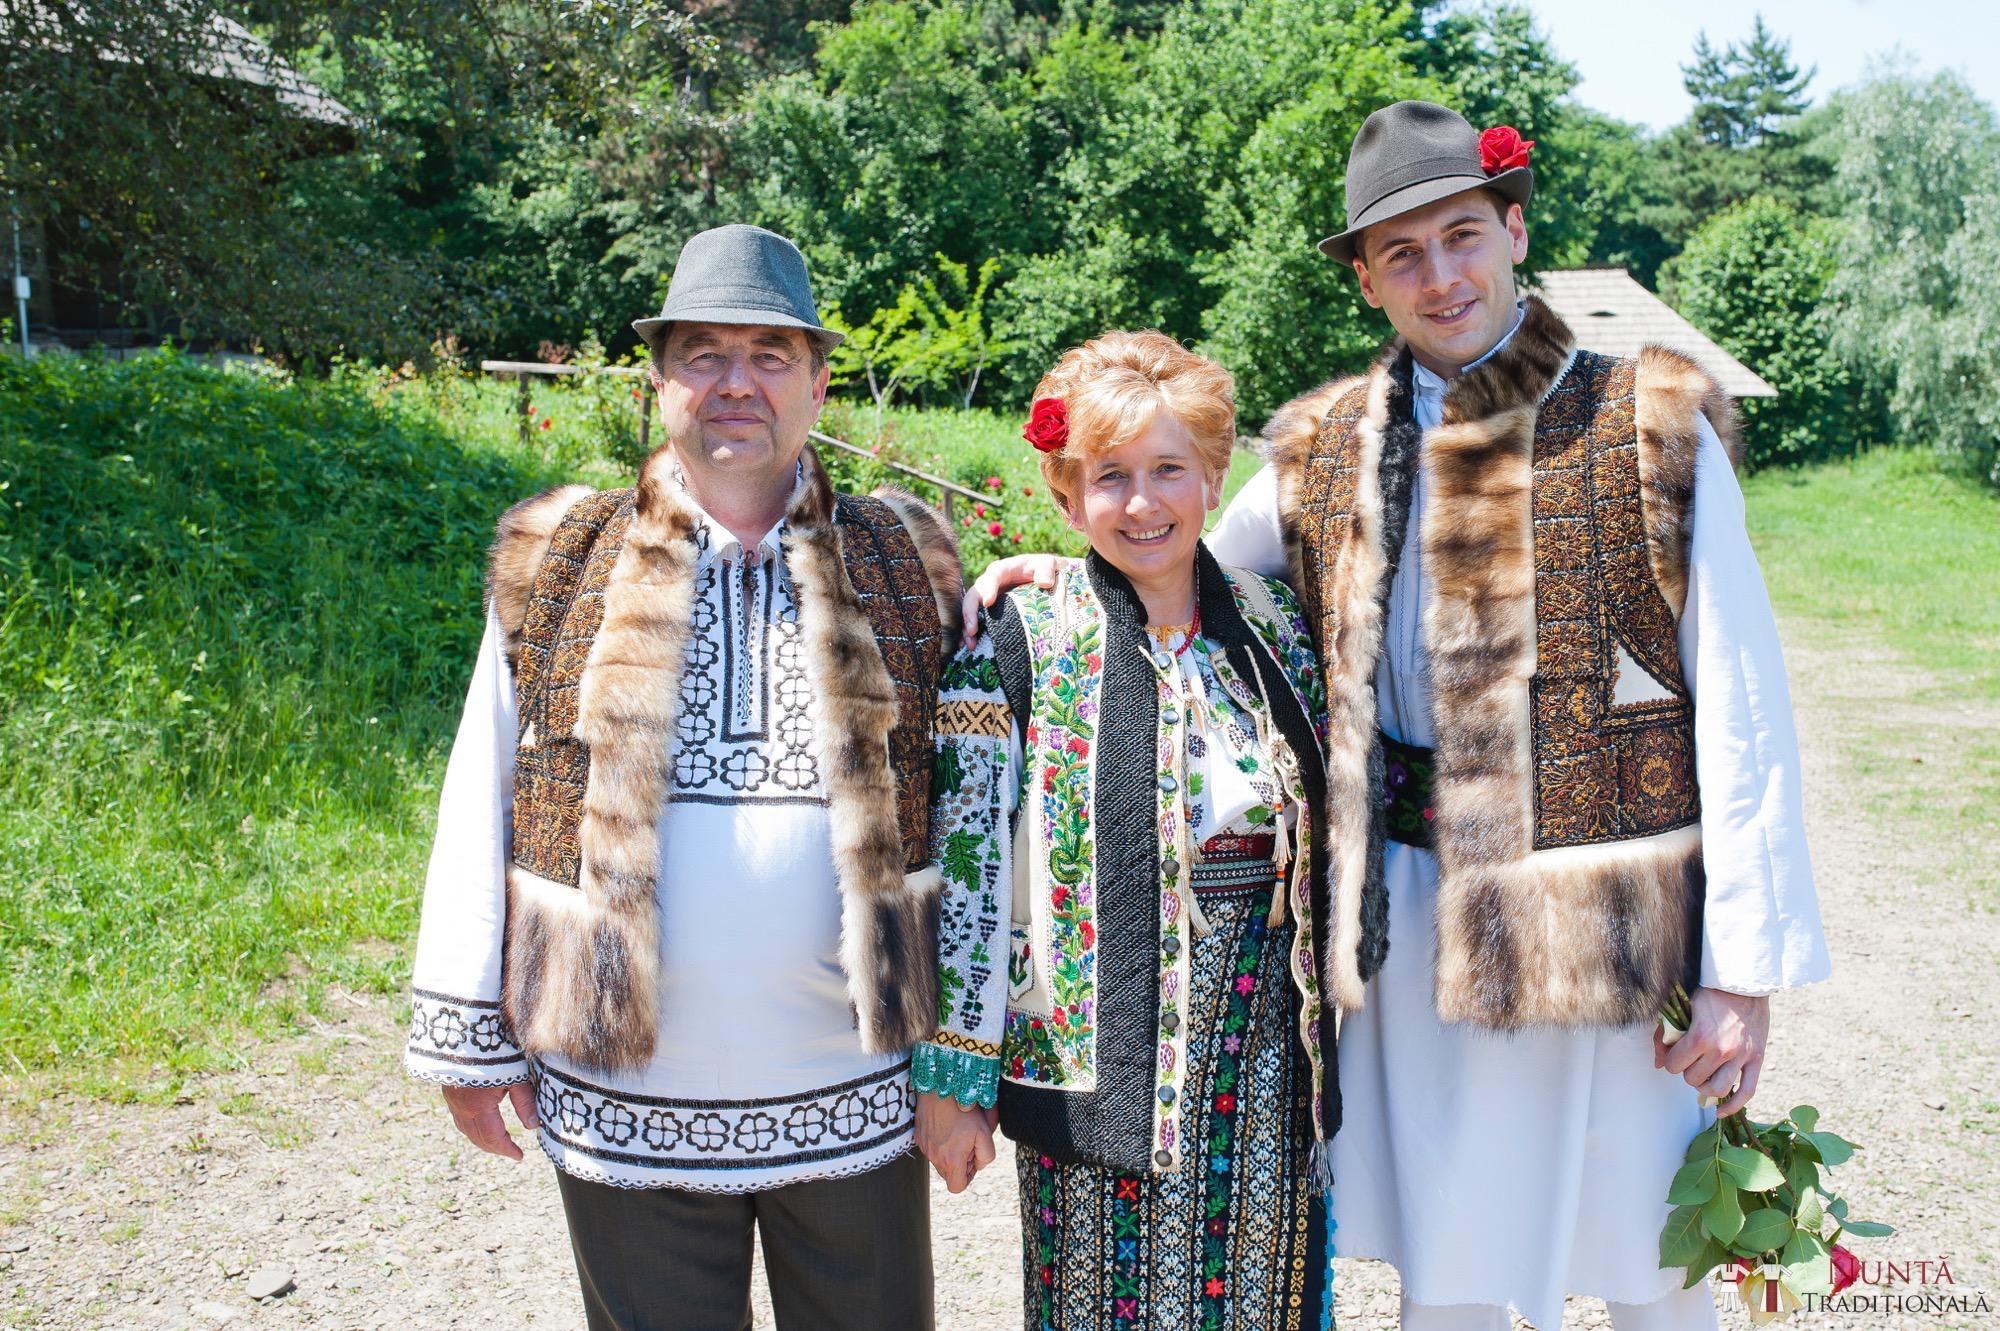 Povești Nunți Tradiționale - Gabriela și Mădălin - Nuntă Tradițională în Suceava, Bucovina 106